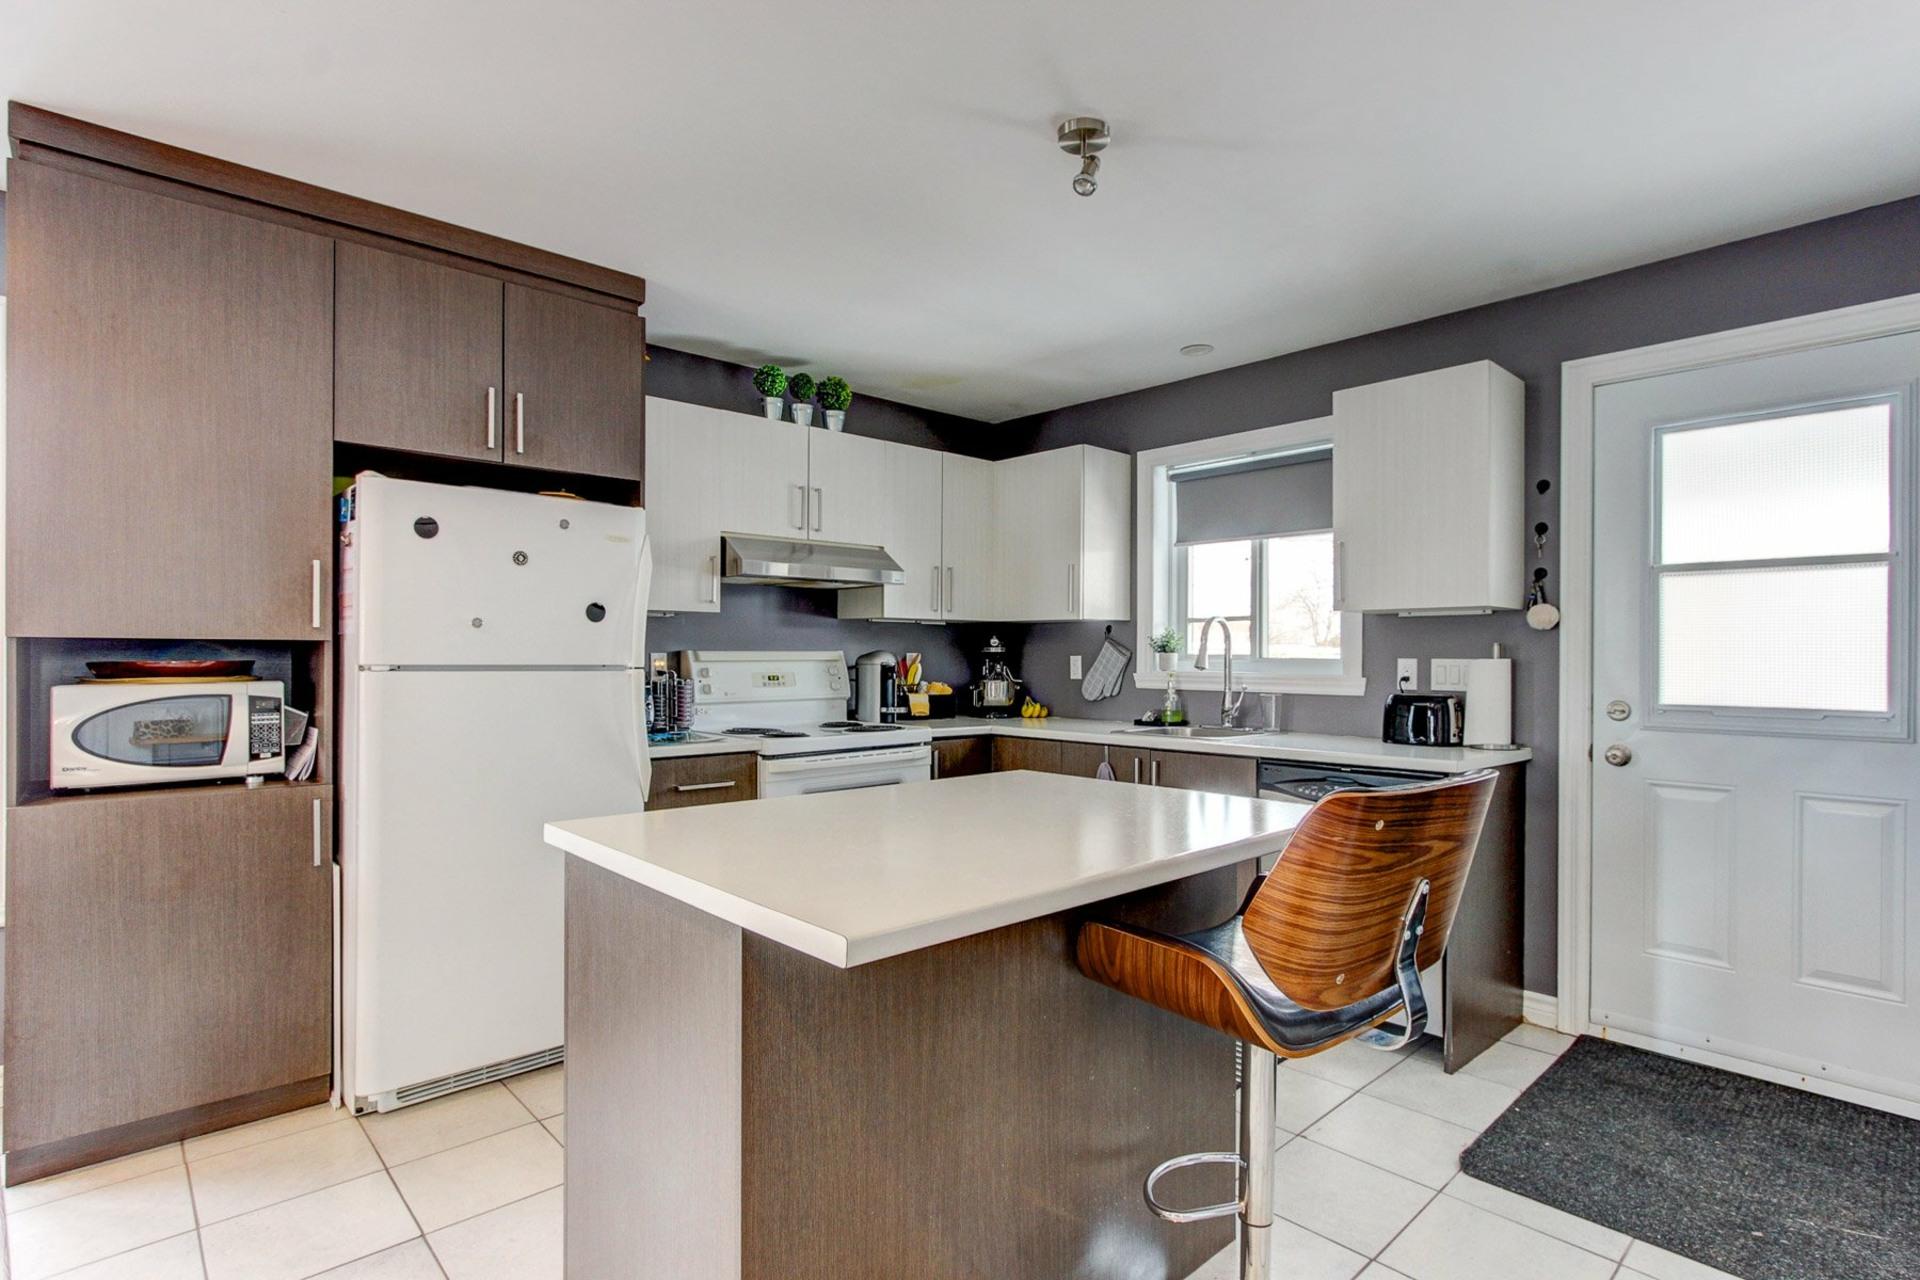 image 5 - Duplex À vendre Trois-Rivières - 8 pièces